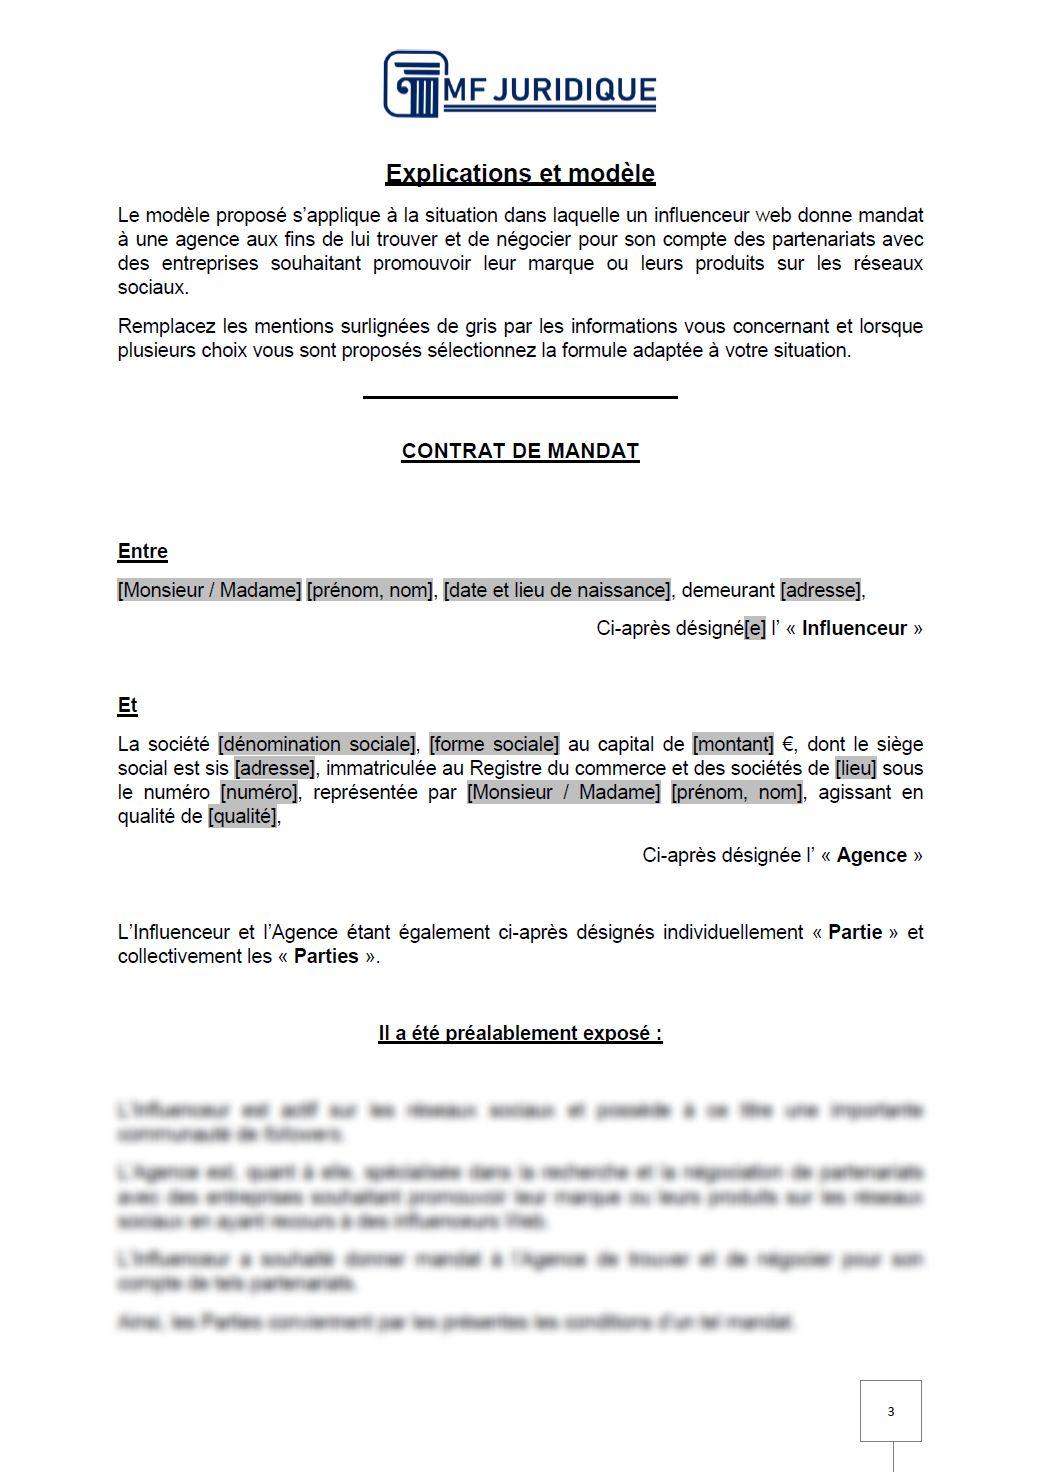 Modele Contrat Entre Une Agence Et Un Influenceur Mf Juridique Modeles Et Formalites Juridiques